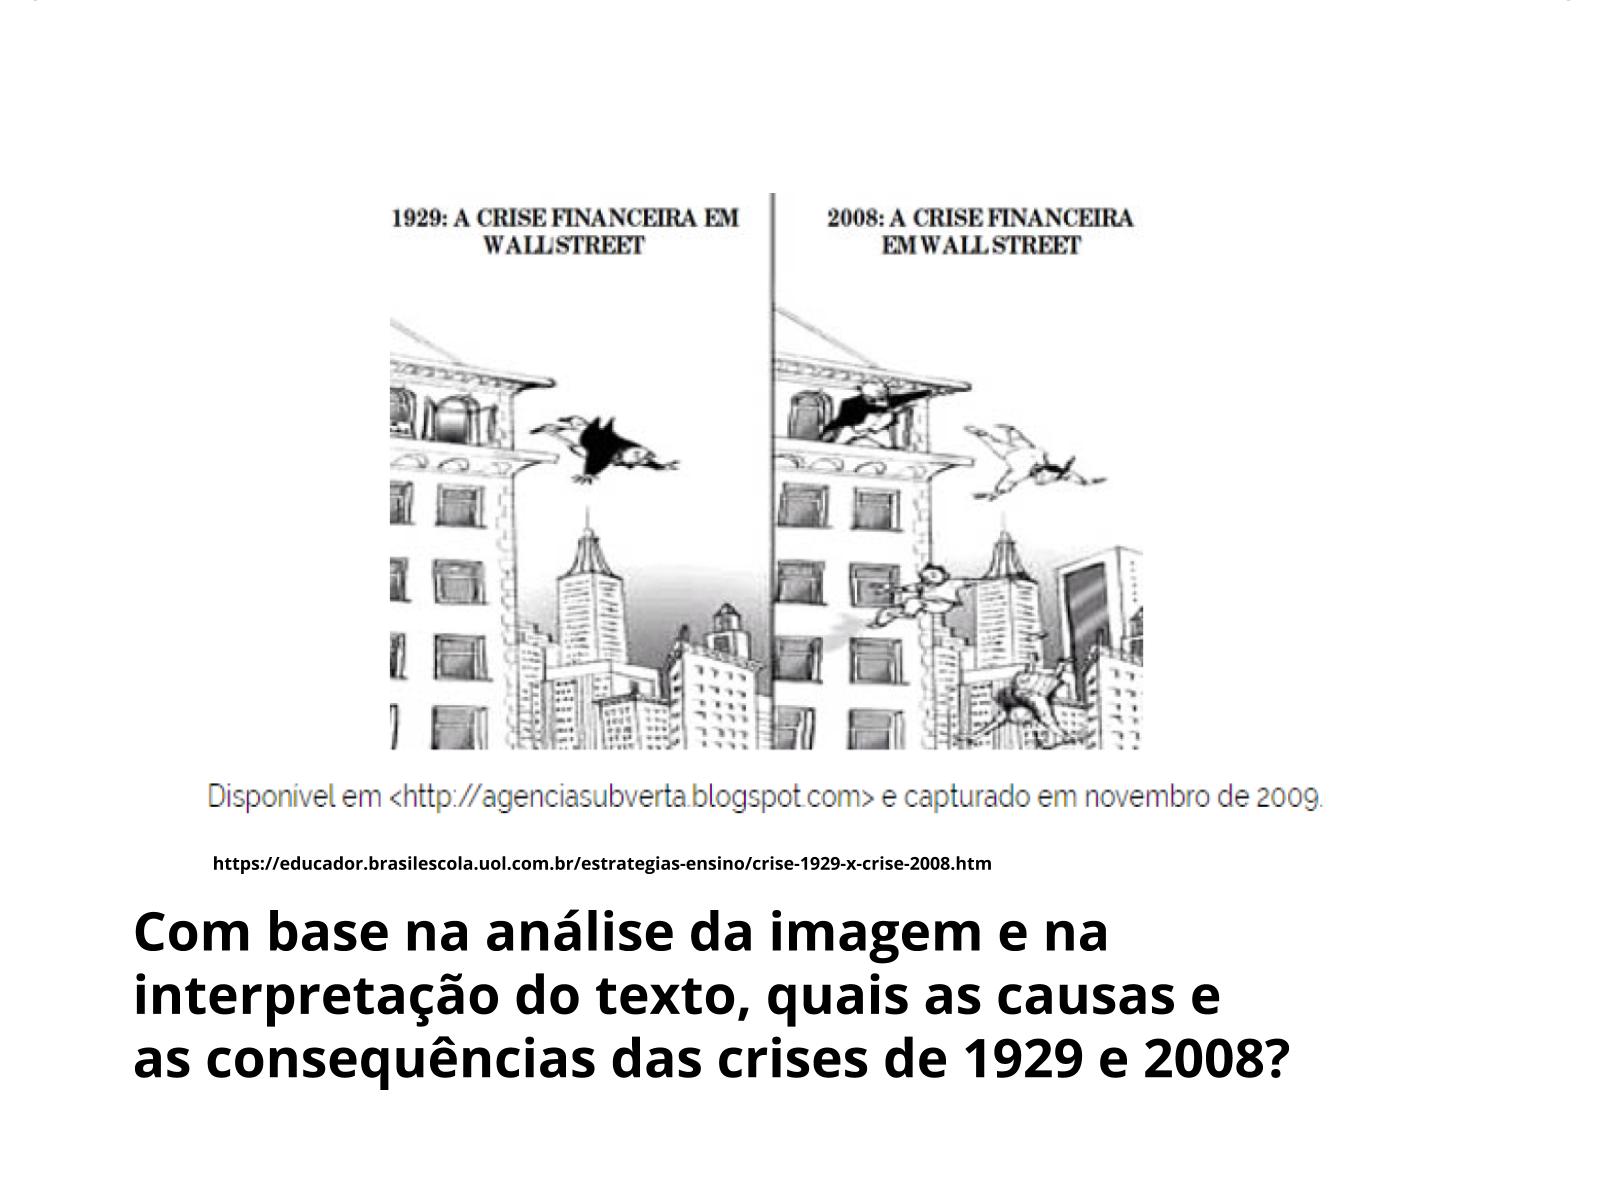 A relação entre as crises econômicas de 1929 e 2008